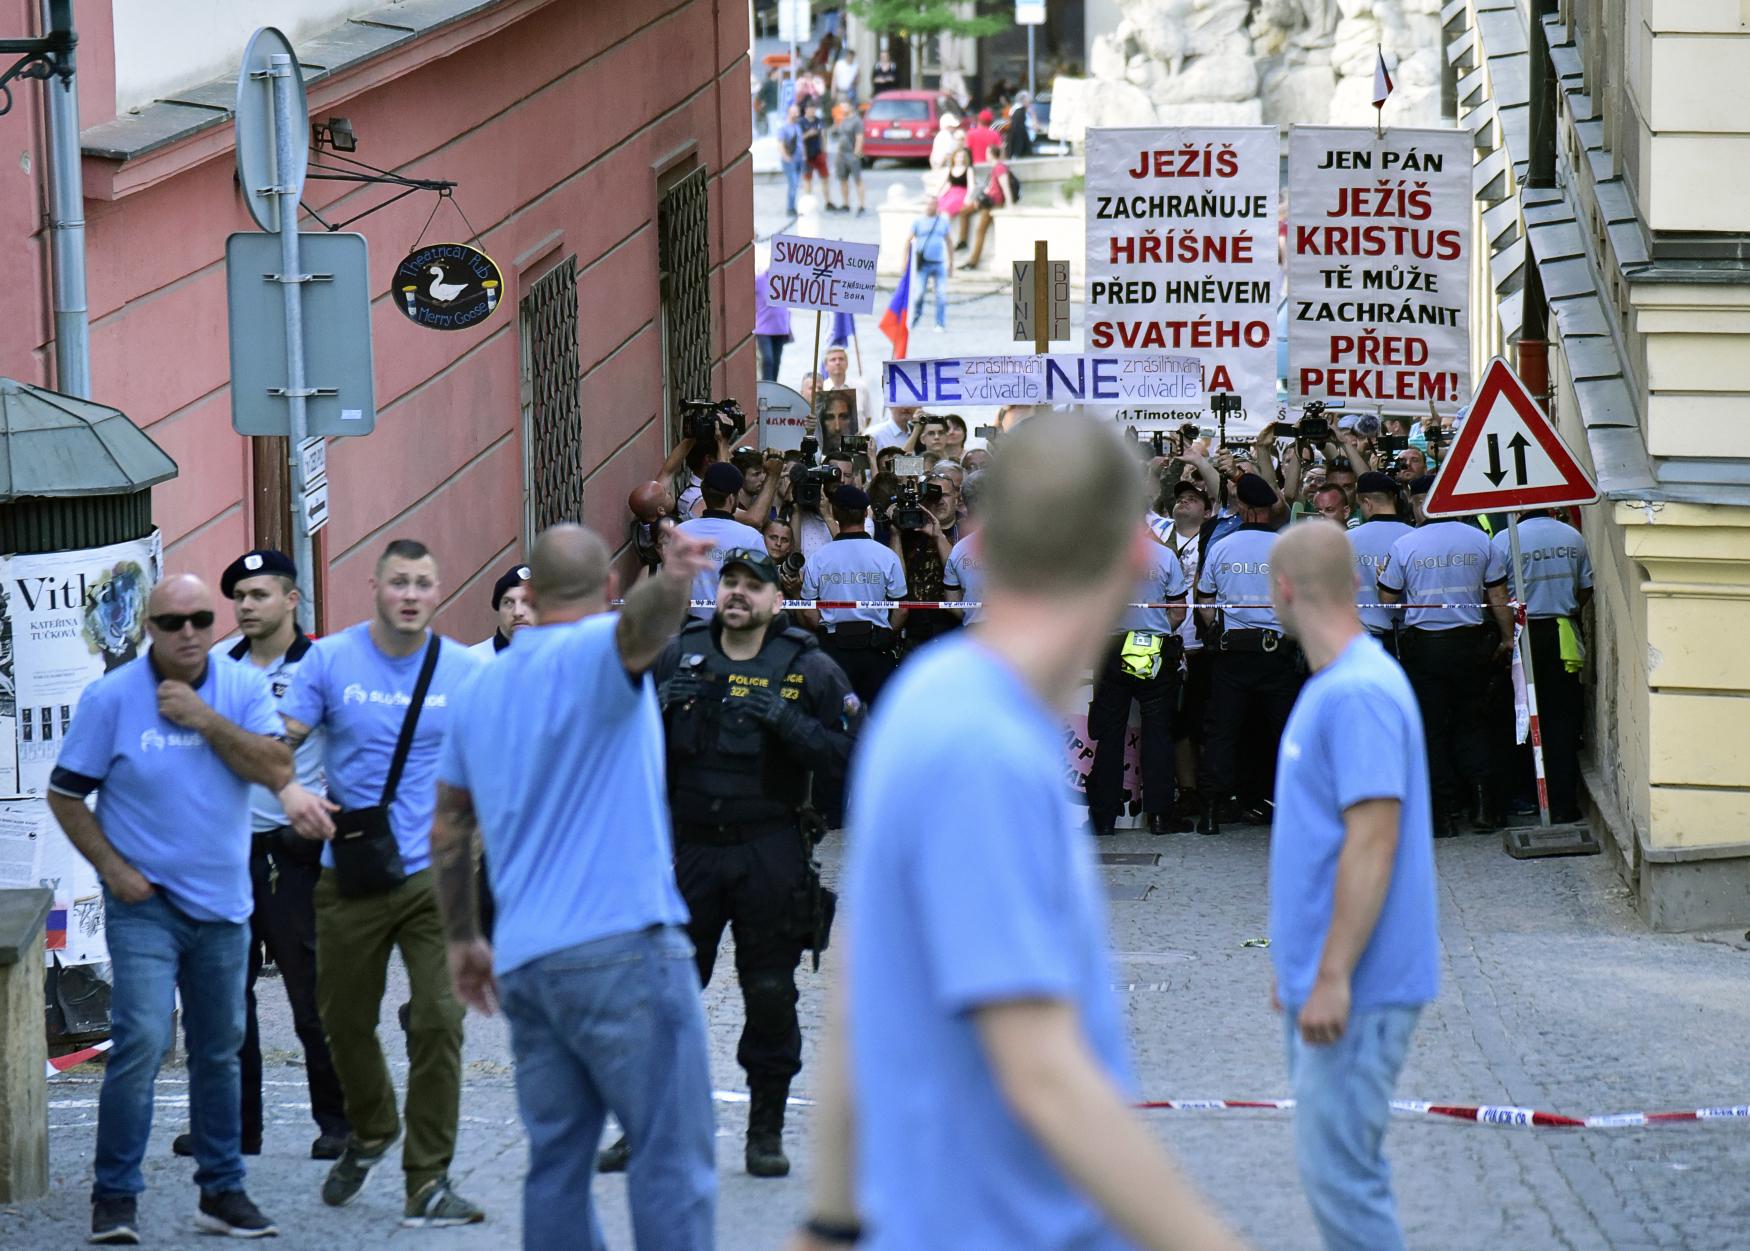 Členové hnutí Slušní lidé v modrých tričkách odcházejí od bočního východu brněnského Divadla Husa na provázku